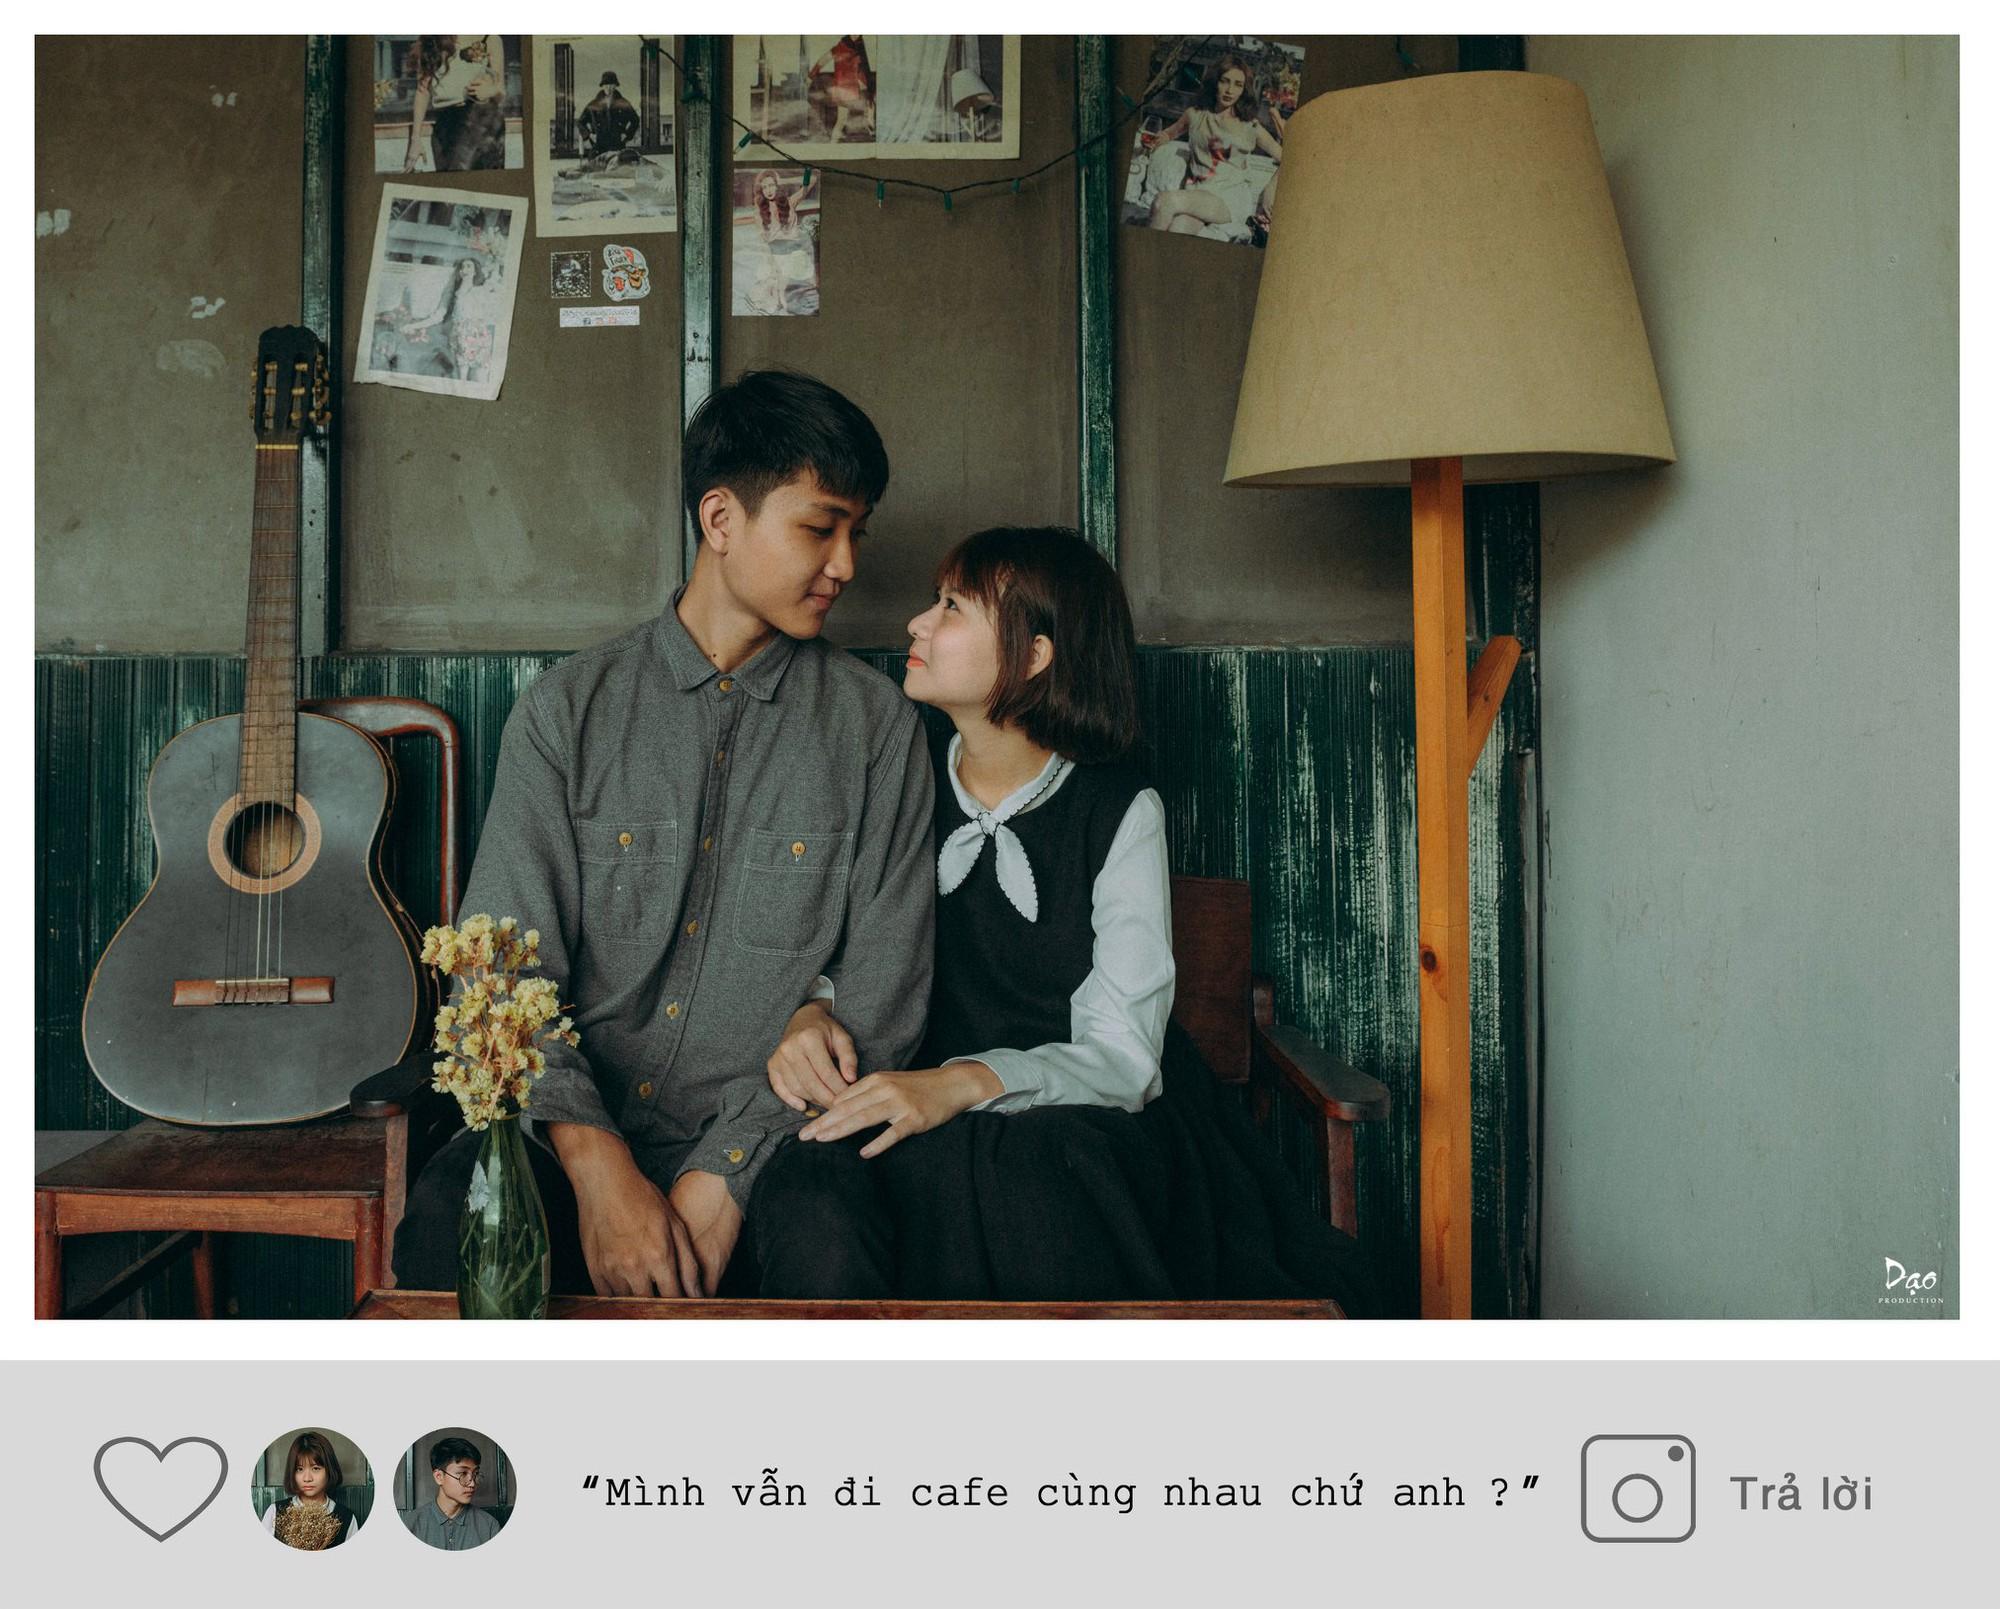 Bộ ảnh mới toanh của cặp đôi trường Trưng Vương từng được mến mộ nhờ mối tình chị em cực dễ thương - Ảnh 9.